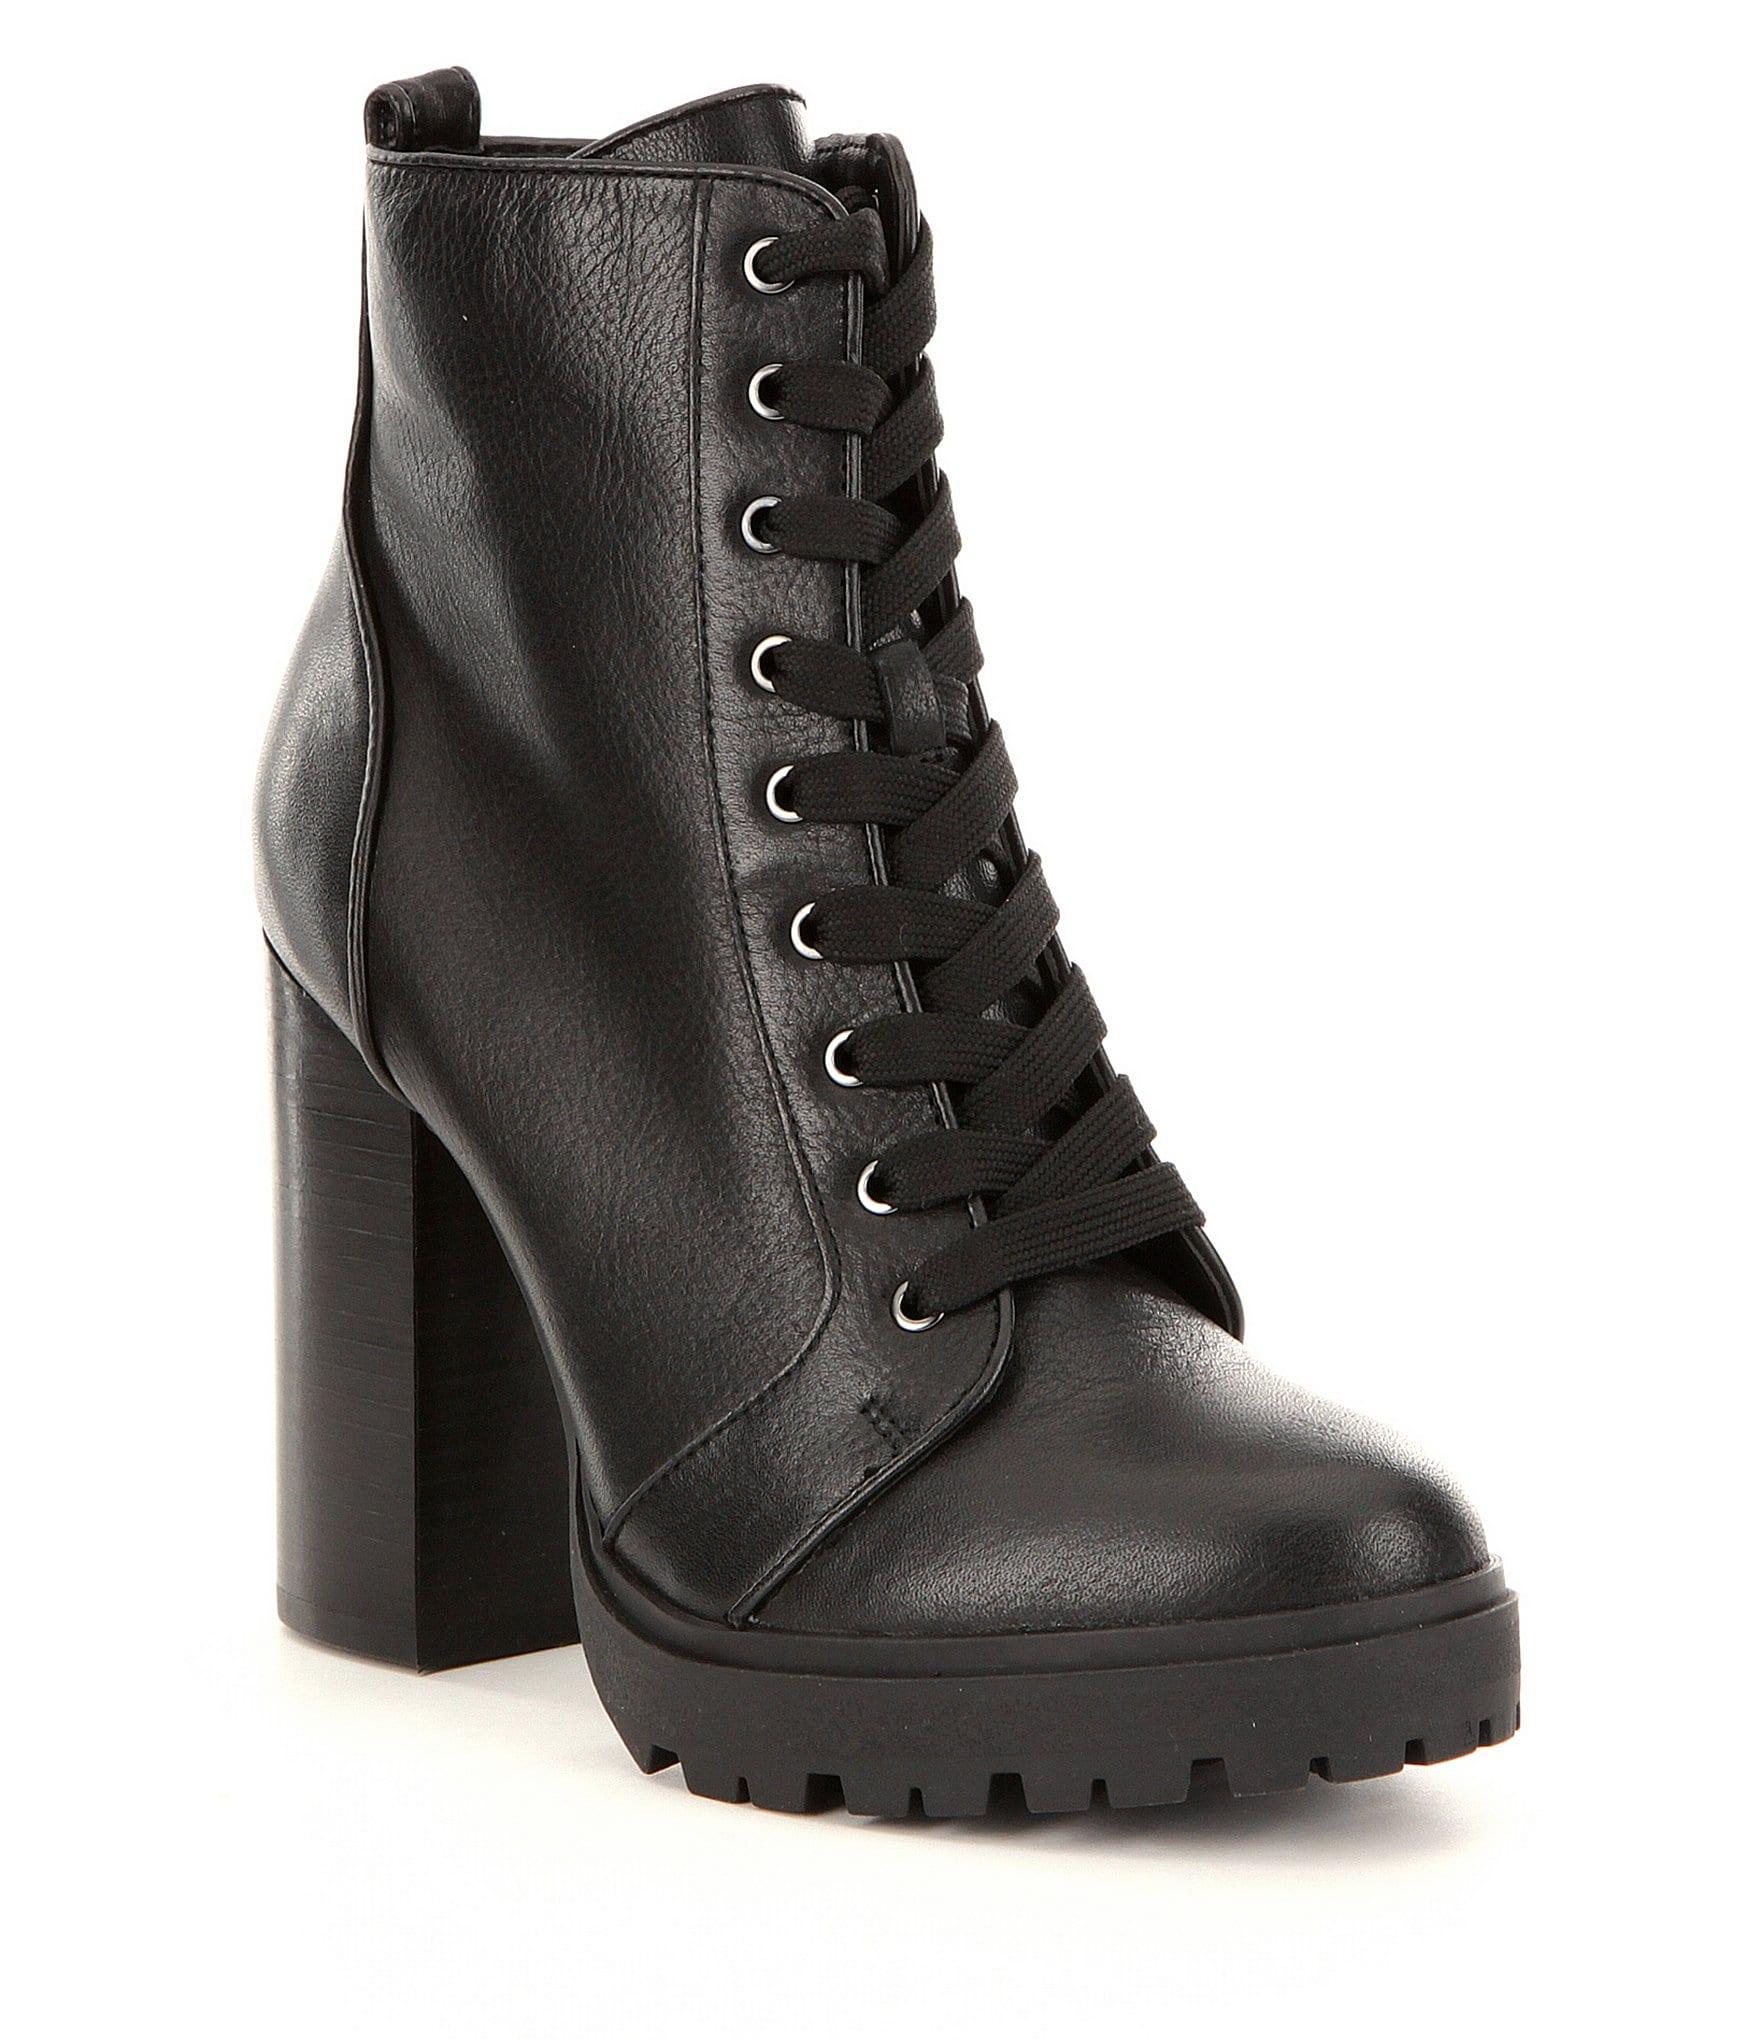 Steve Madden Shoes | Dillards.com